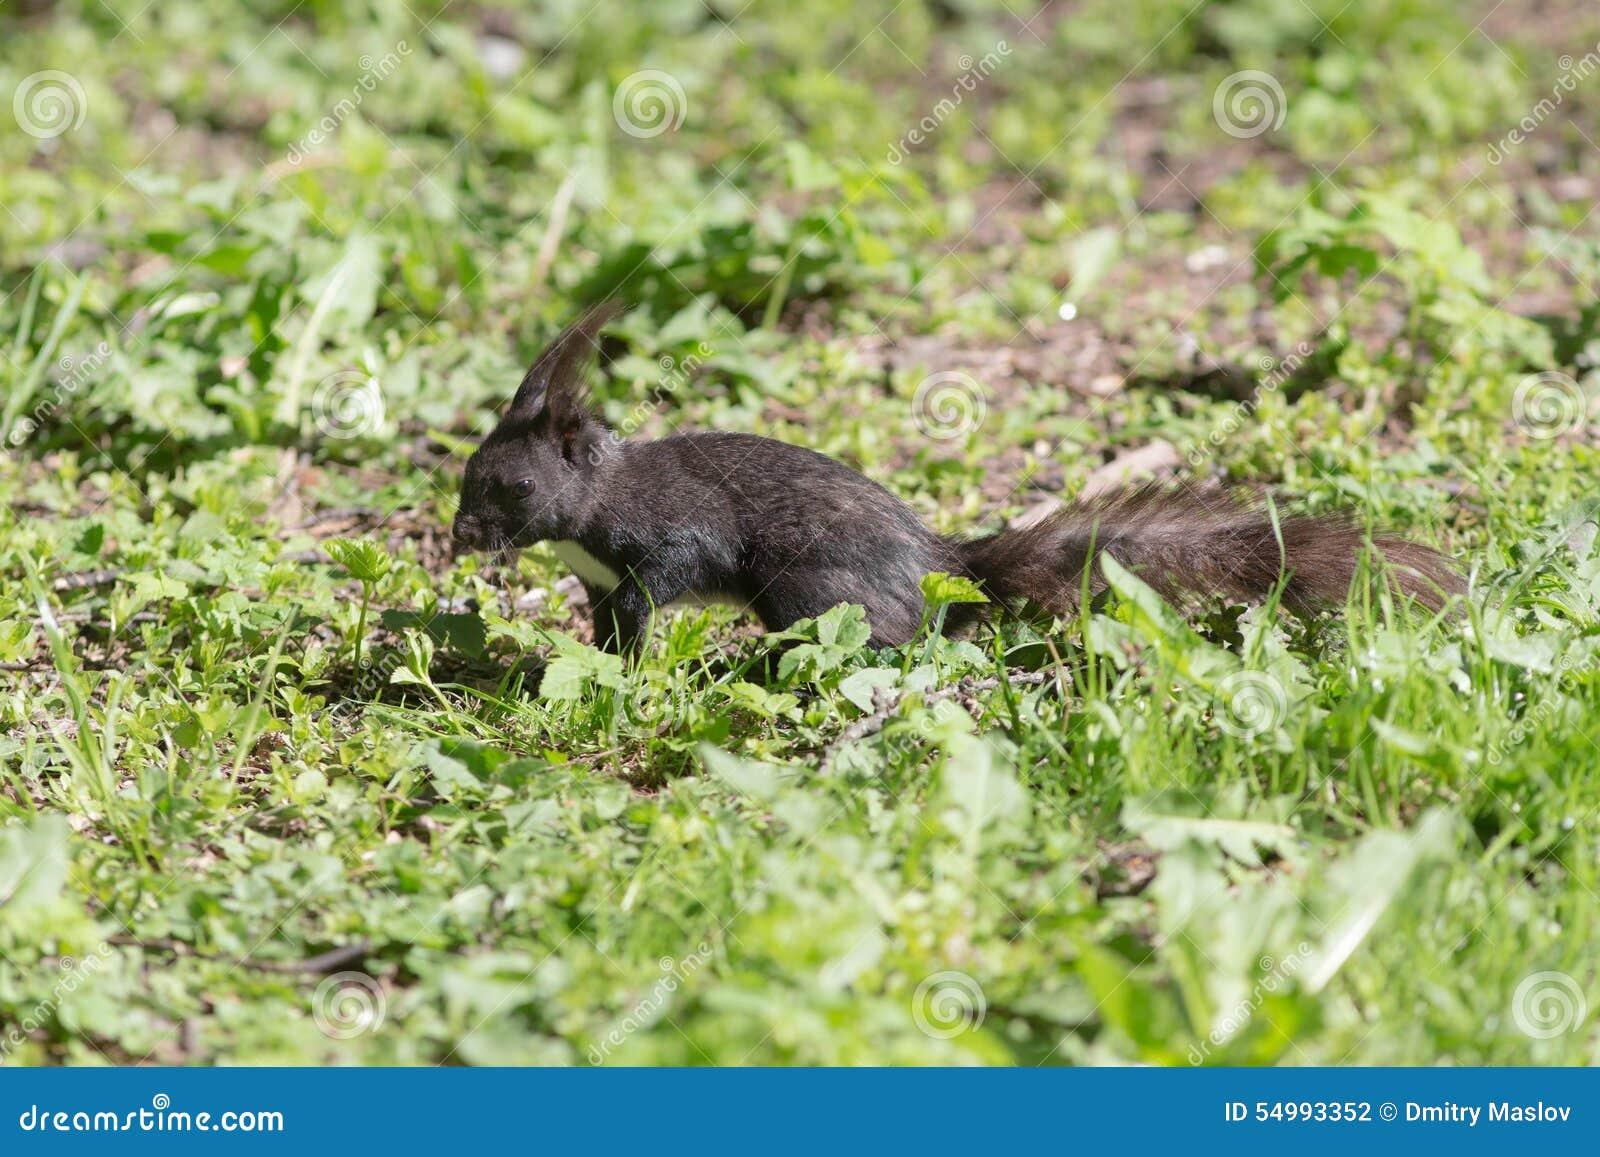 Σκίουρος με τη σκοτεινή γούνα